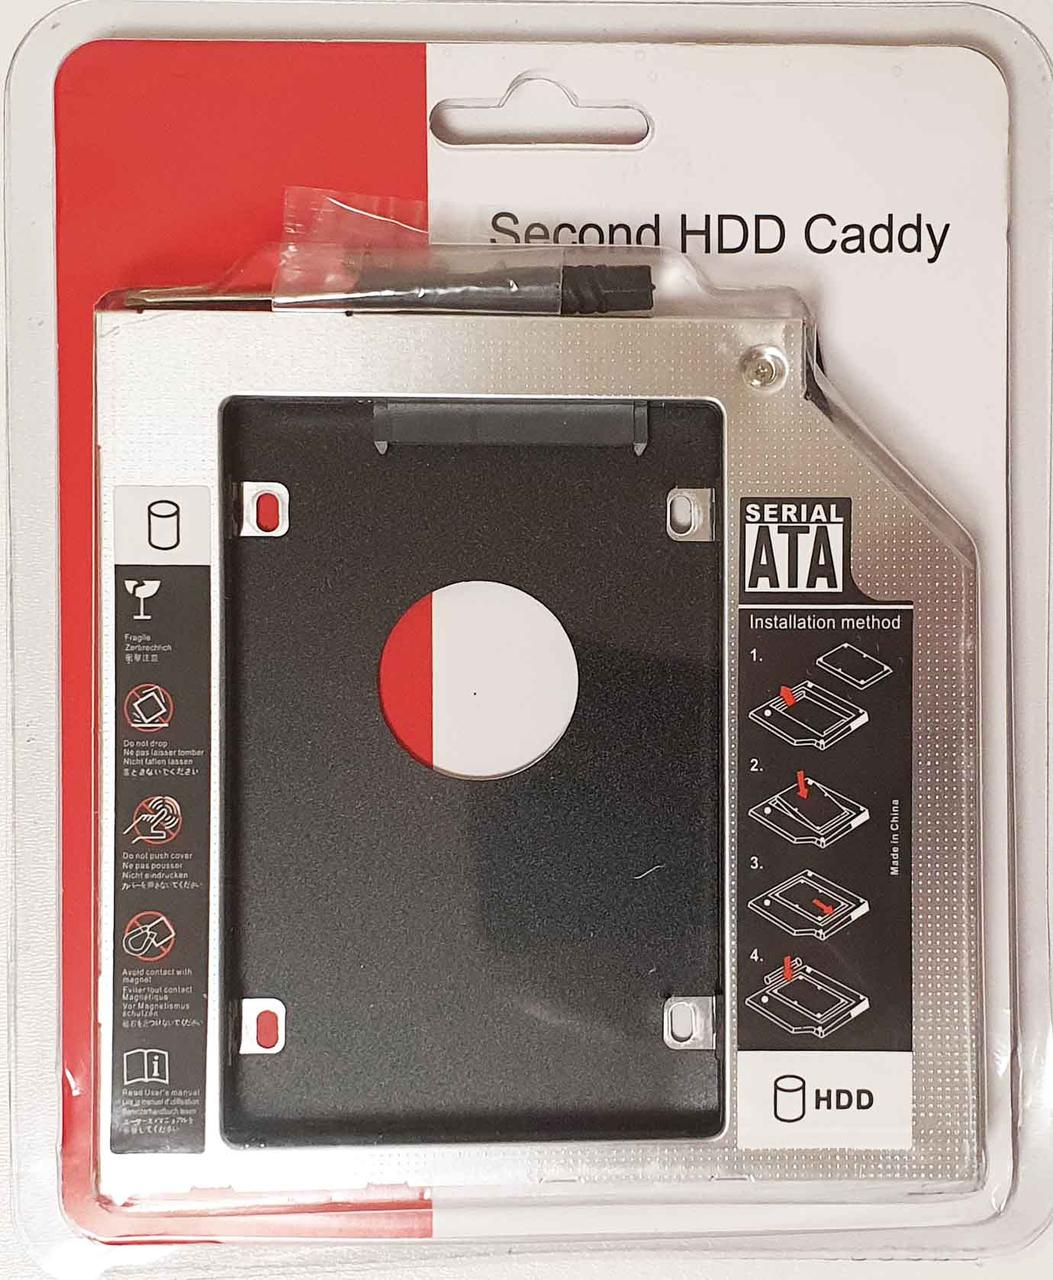 50 шт. Кишеня для установки другого жорсткого диска SATA у відсік DVD 9.5 мм SATA (optibay caddy) алюміній